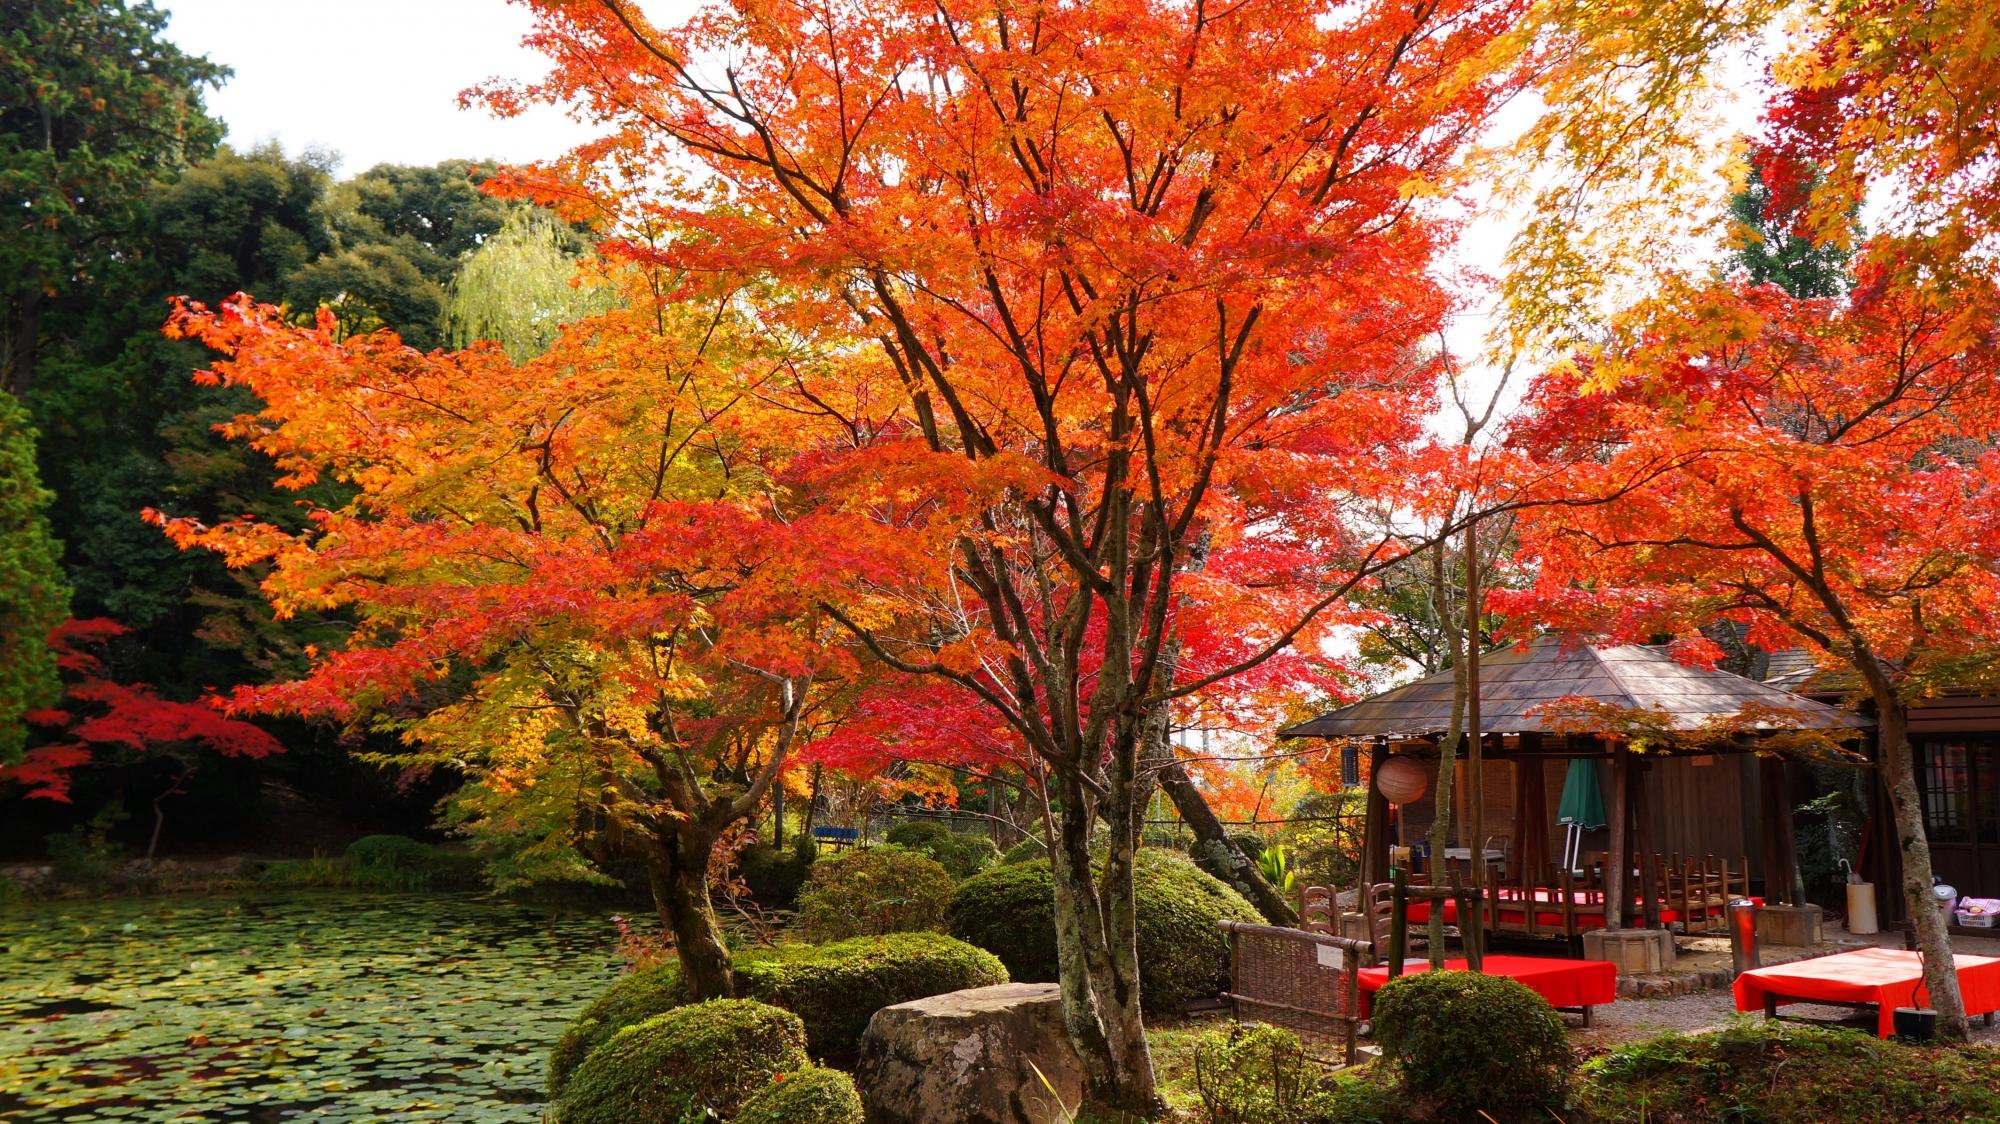 茶所が良い味を出す水辺を染める絶品の紅葉